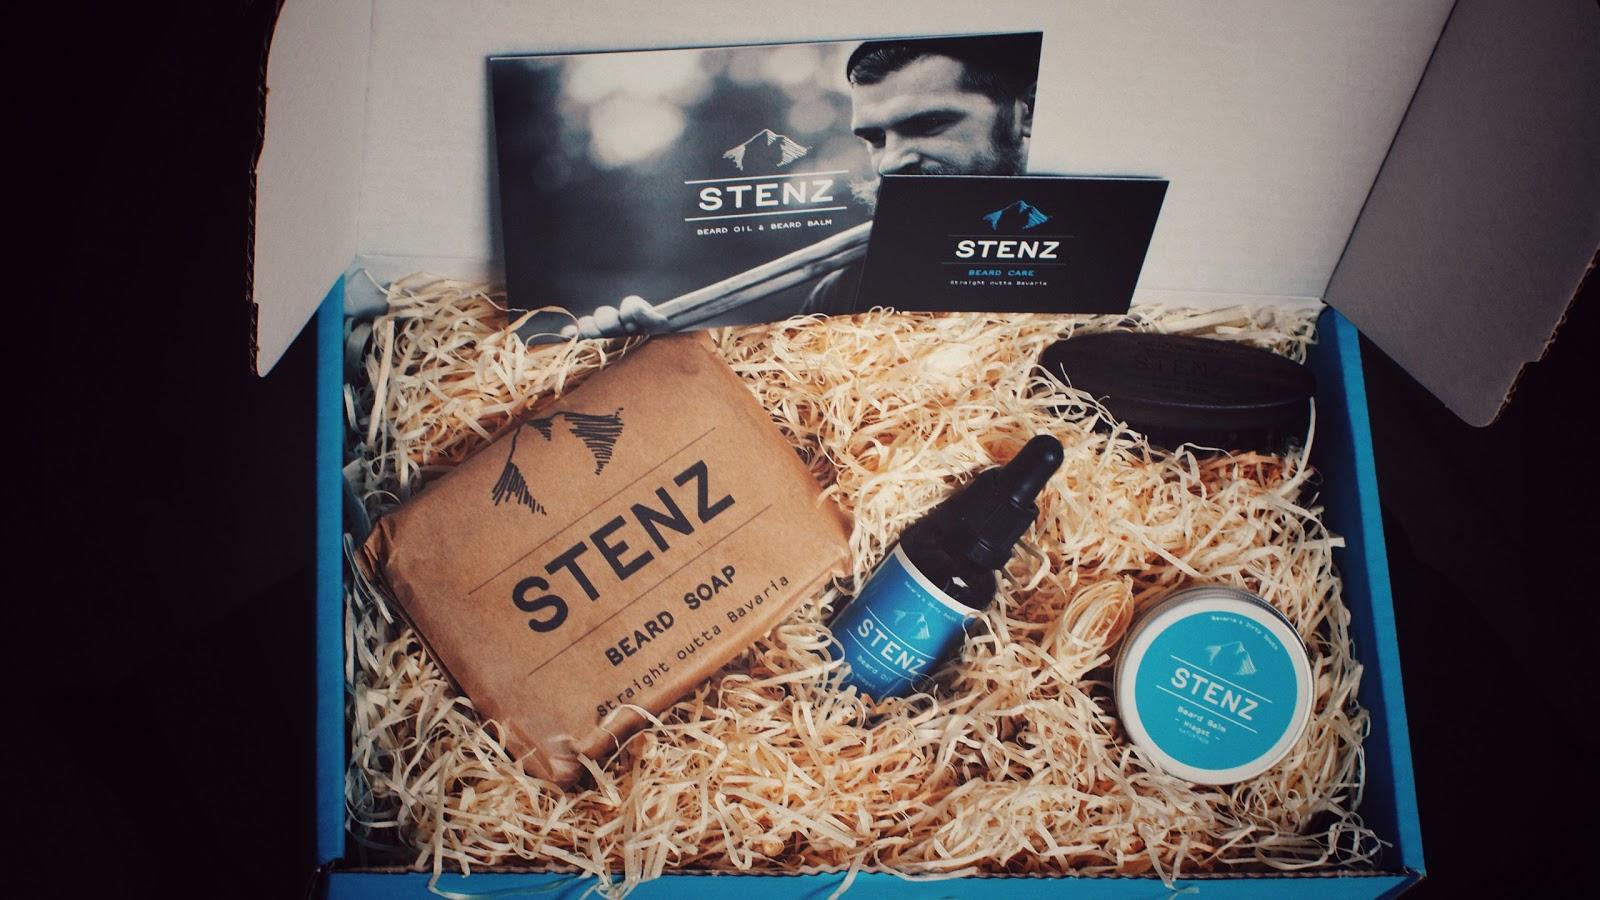 STENZ - Hiagst | Die fantastischen Beard Care Produkte aus München